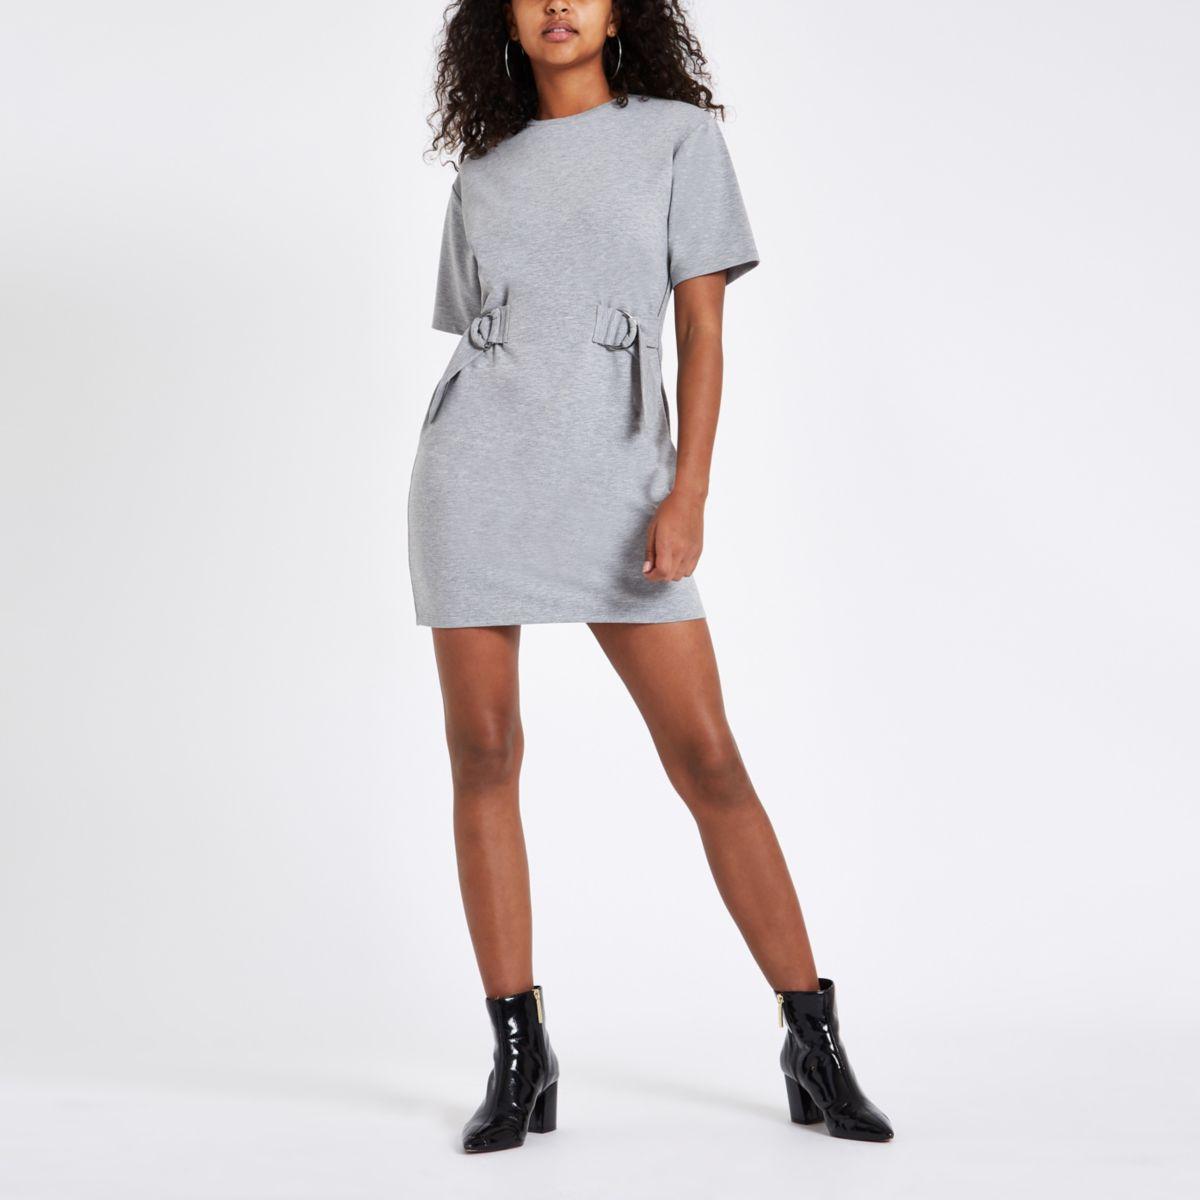 Grey drawstring waist mini dress